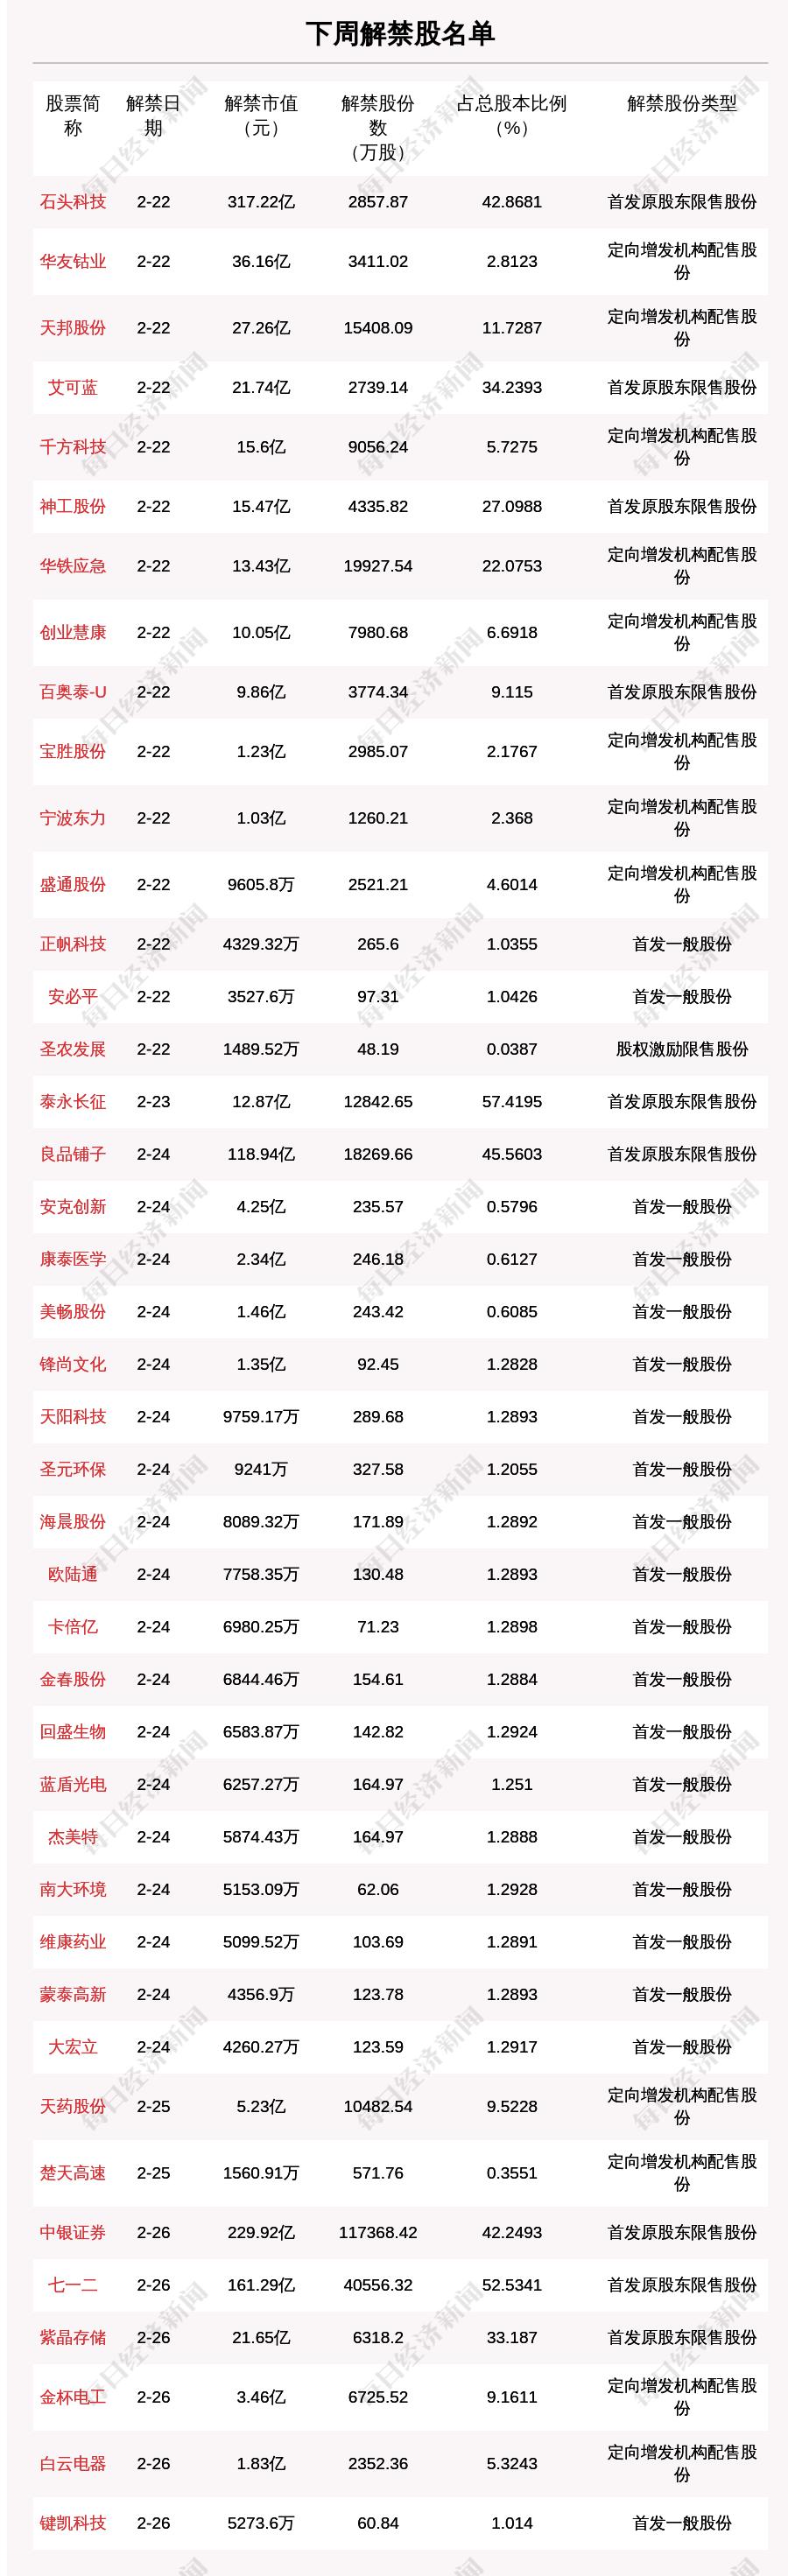 """千亿解禁来袭!明天,""""疯狂的石头""""迎317亿解禁洪峰,下周还有这些股票解禁压力大"""